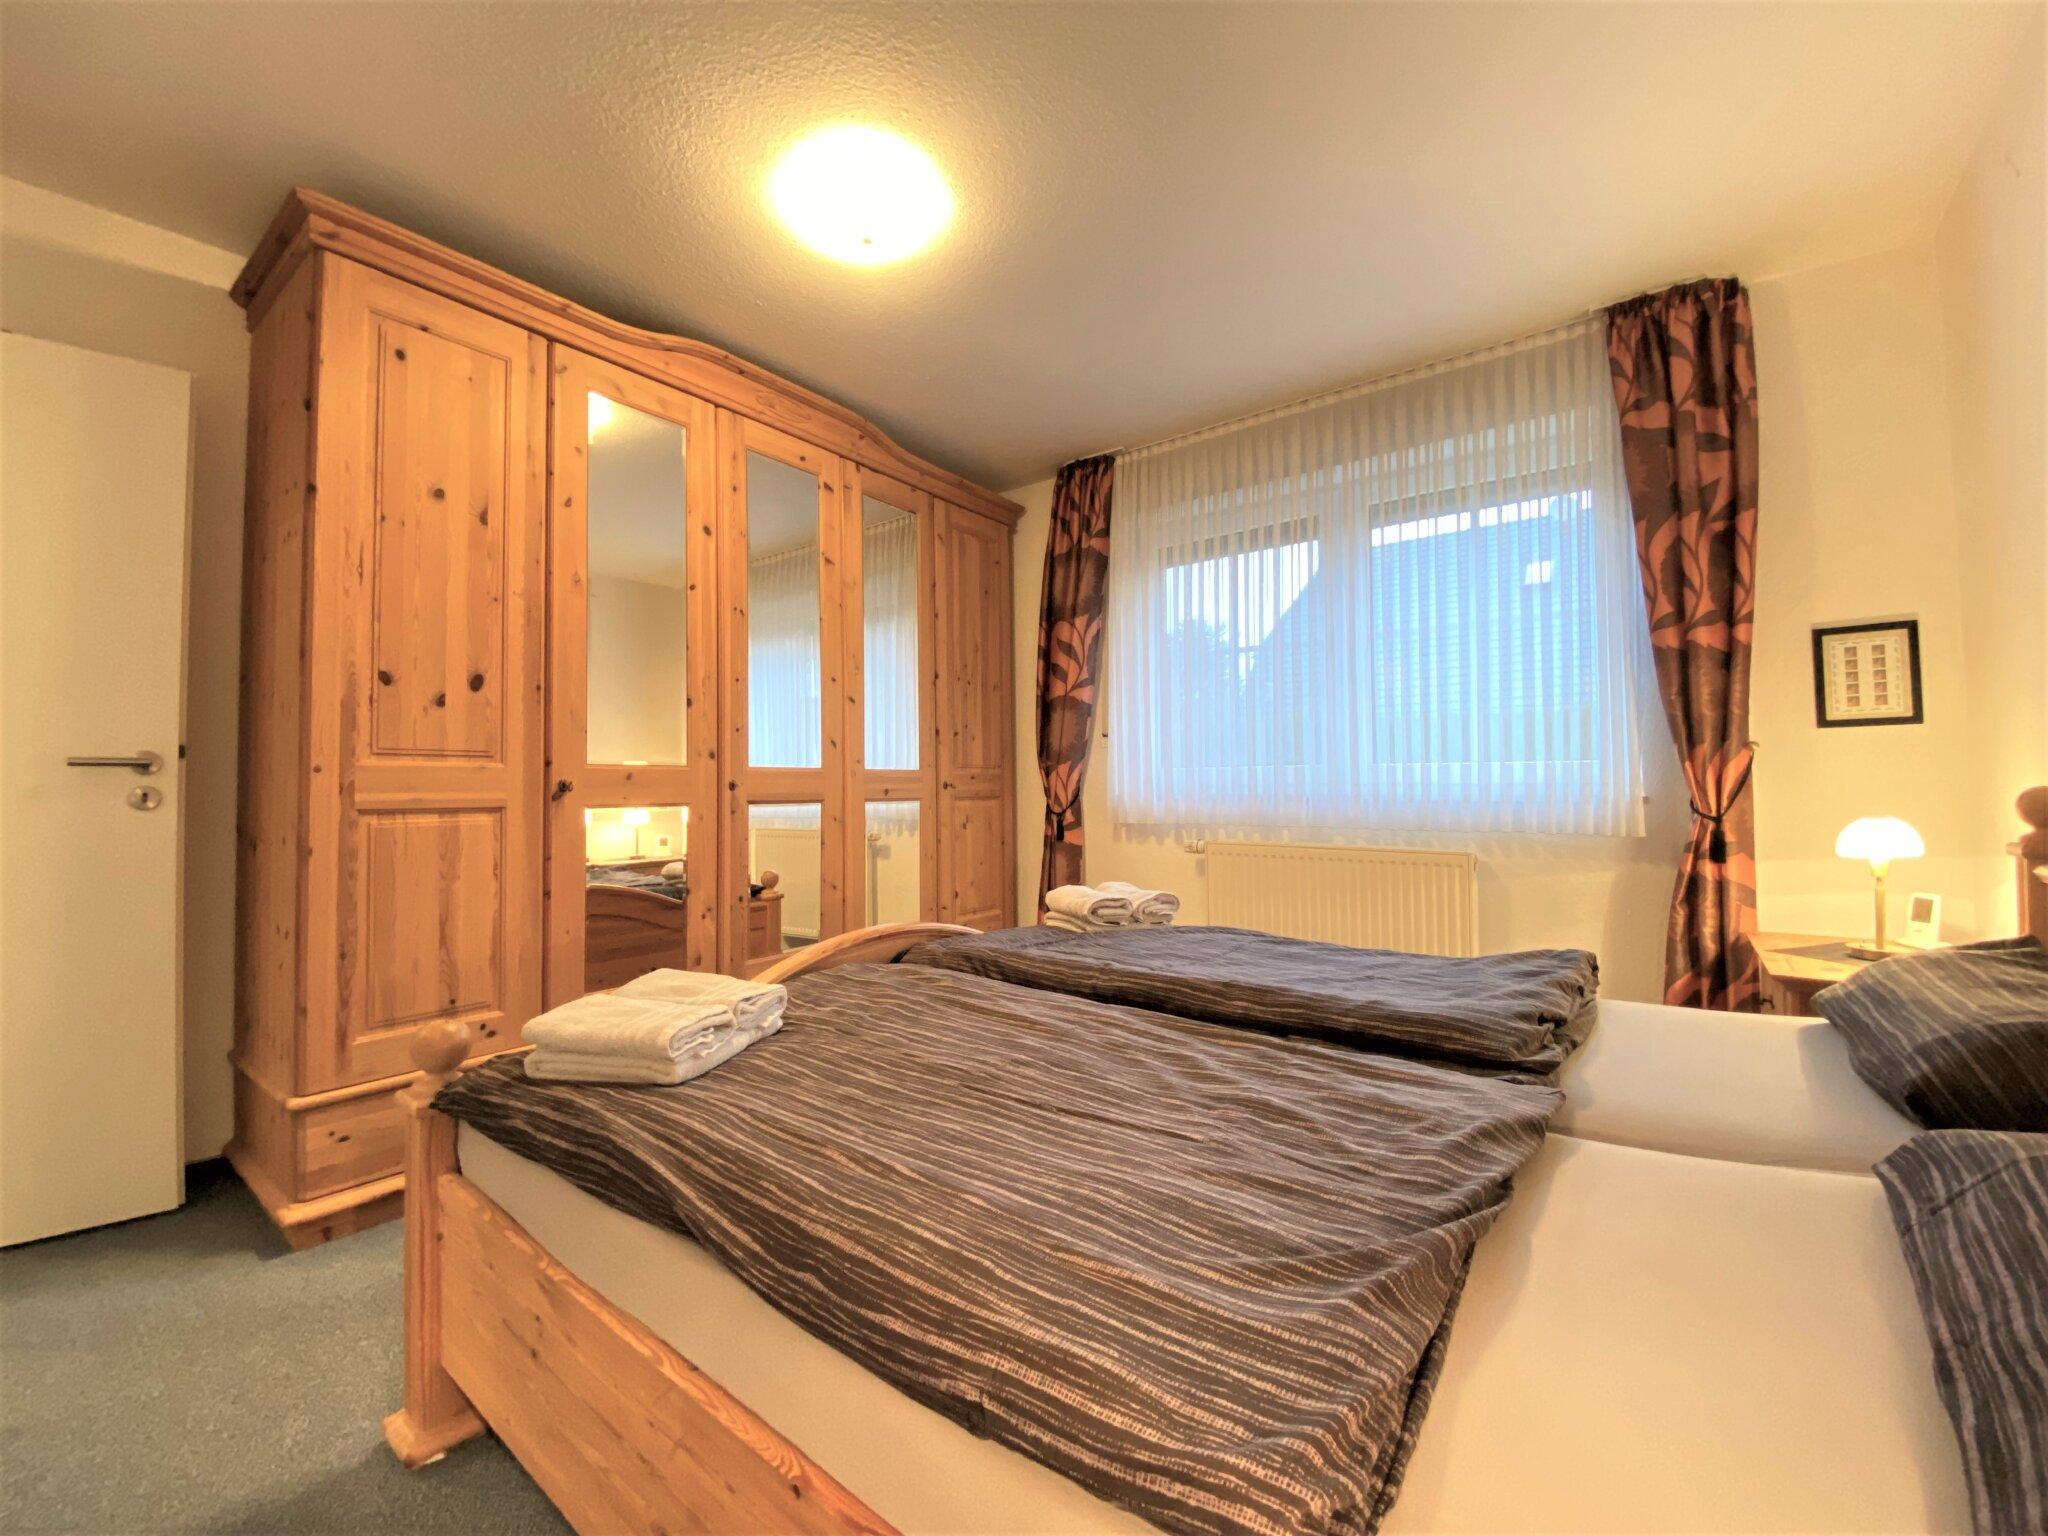 Das behagliche Schlafzimmer